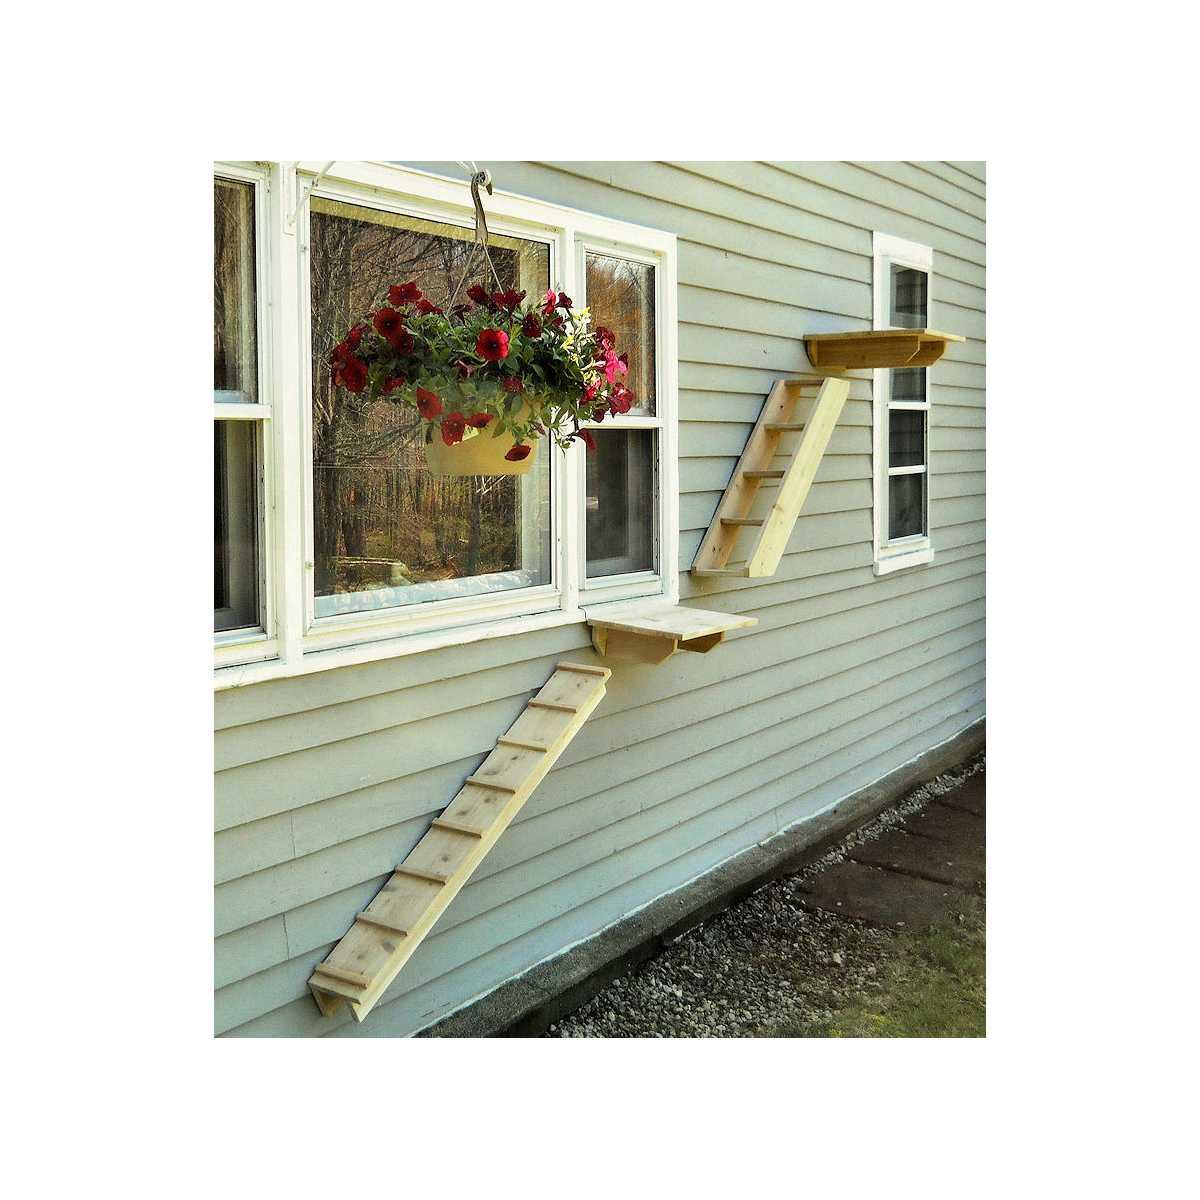 Outdoor Cedar Cat Wall System Stair Ladder Catsplay Superstore